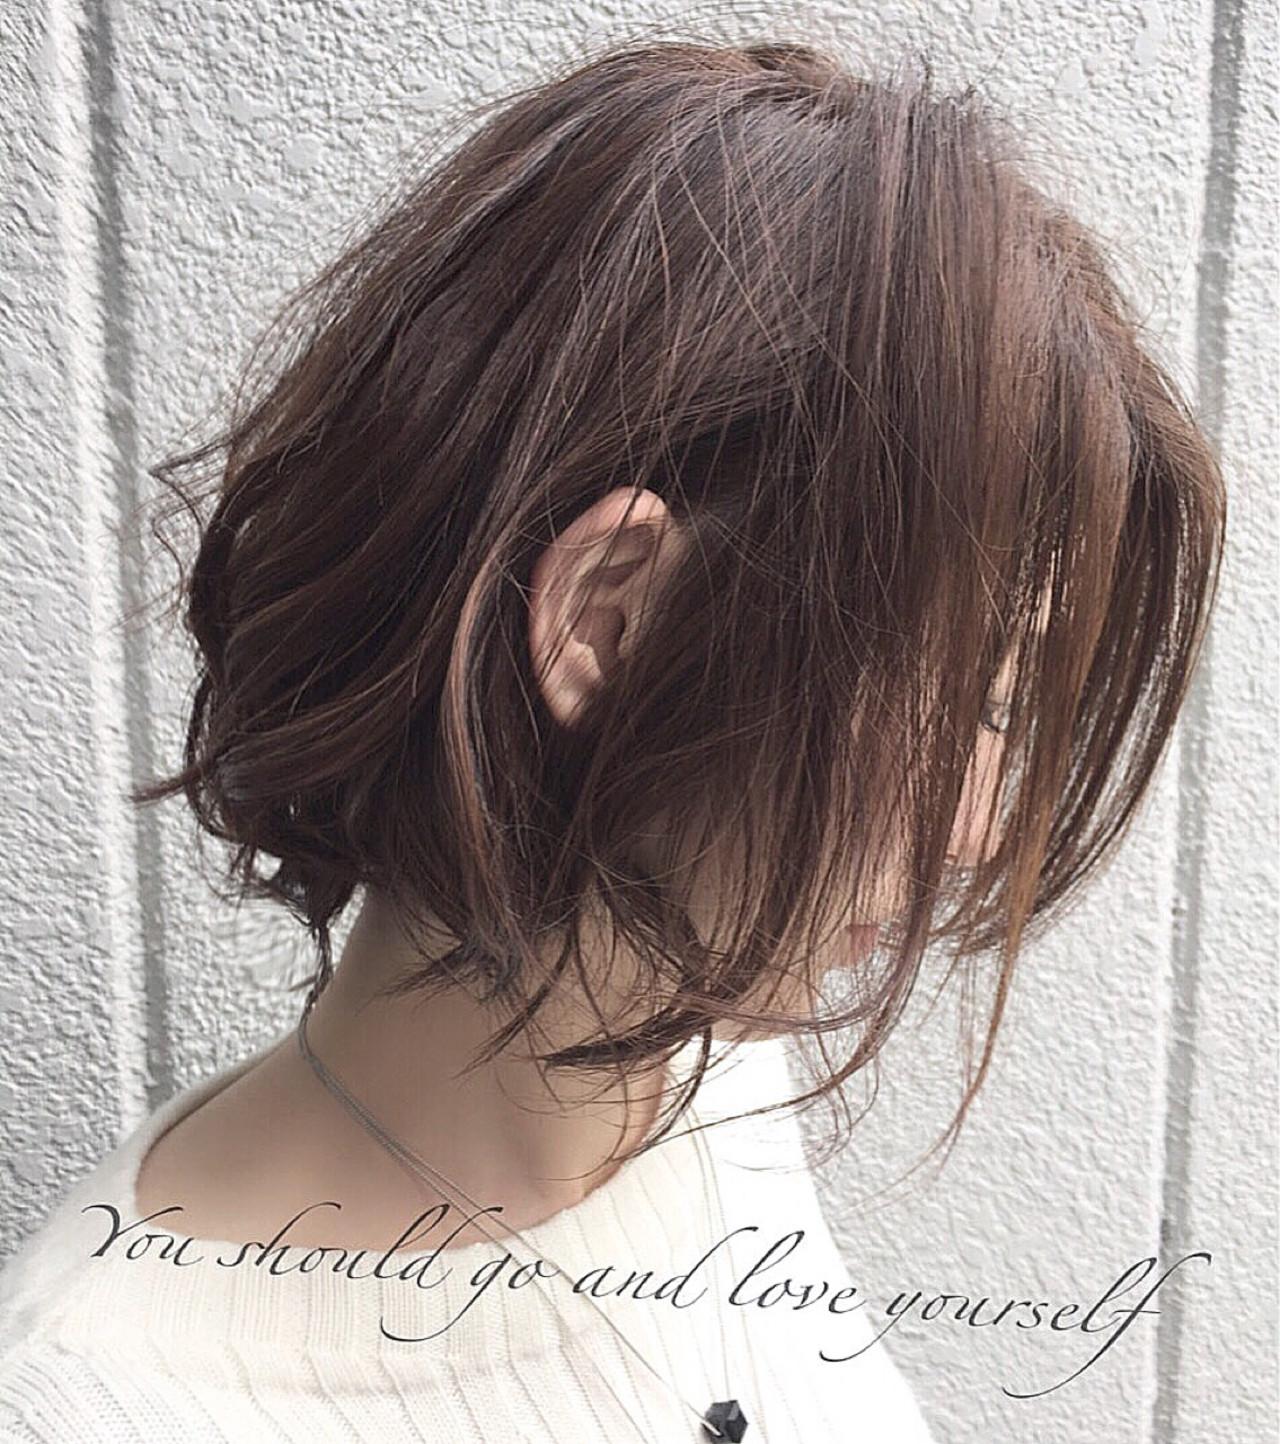 色気 ナチュラル アッシュ ブラウン ヘアスタイルや髪型の写真・画像